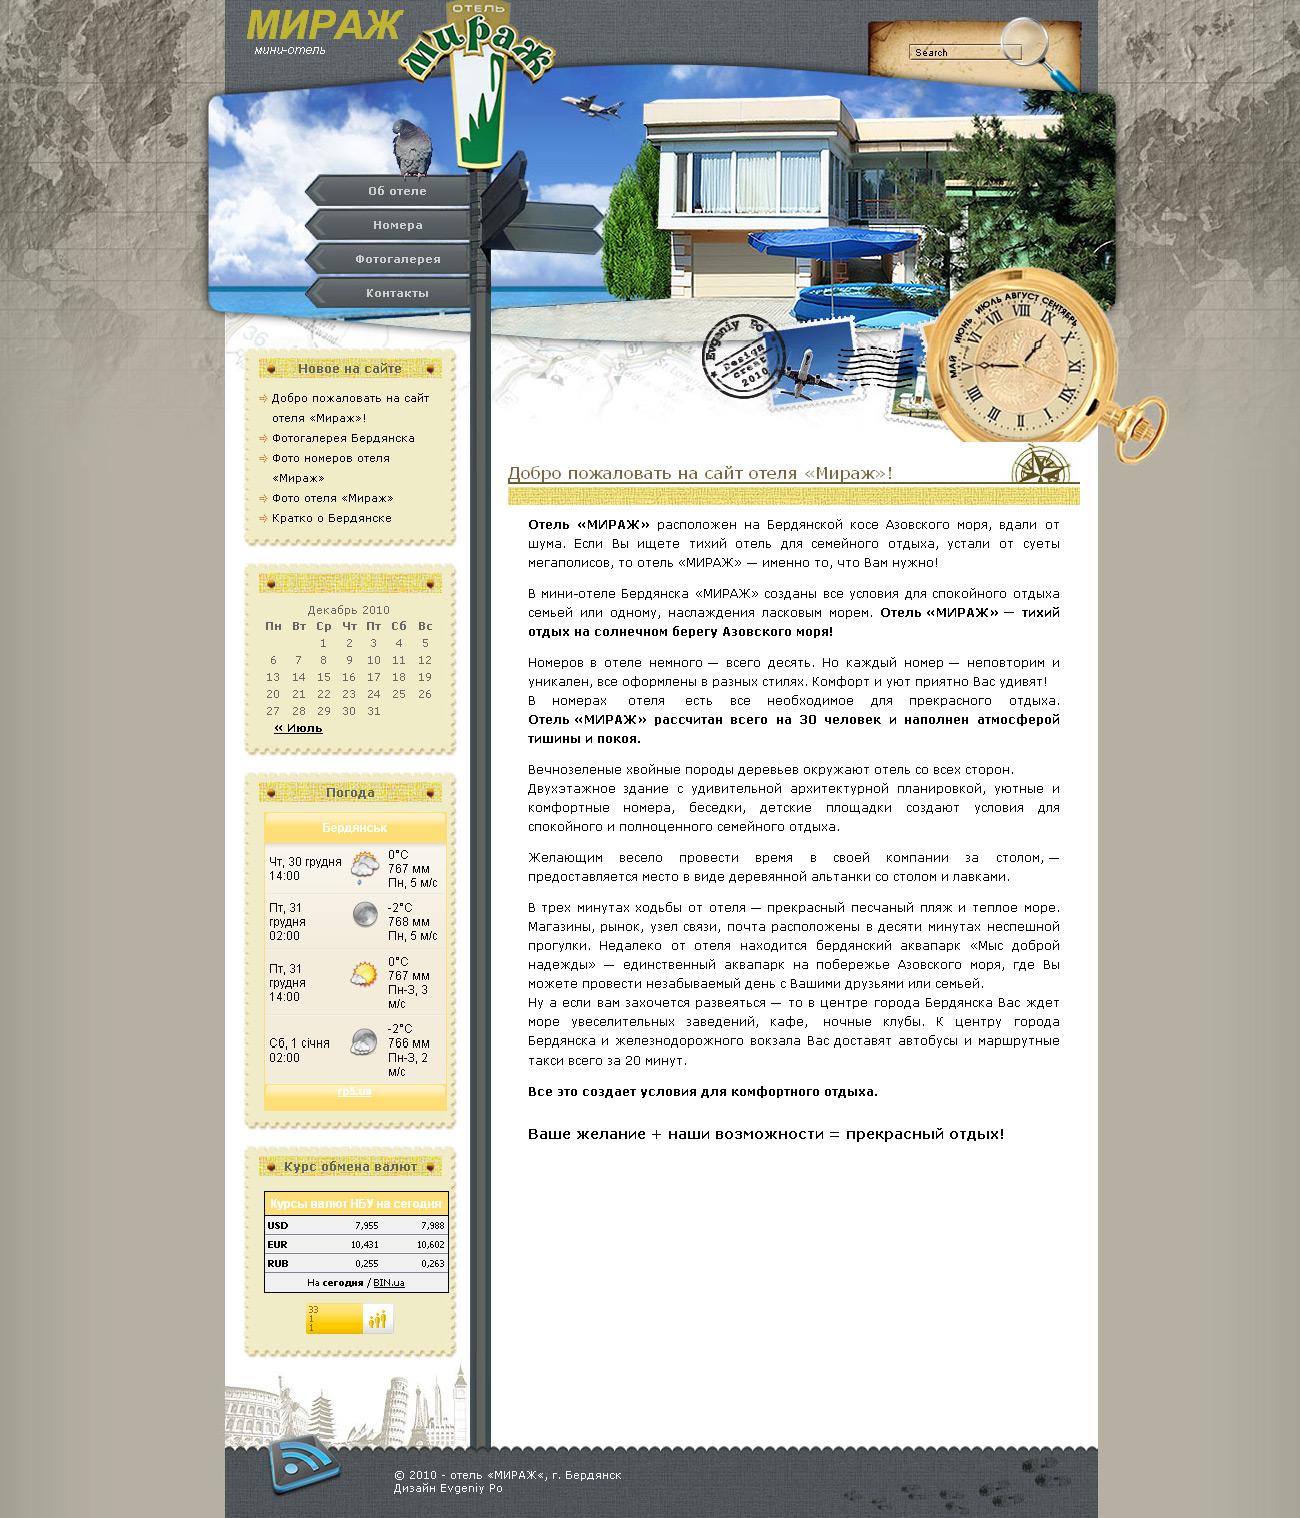 Сайт отеля Мираж